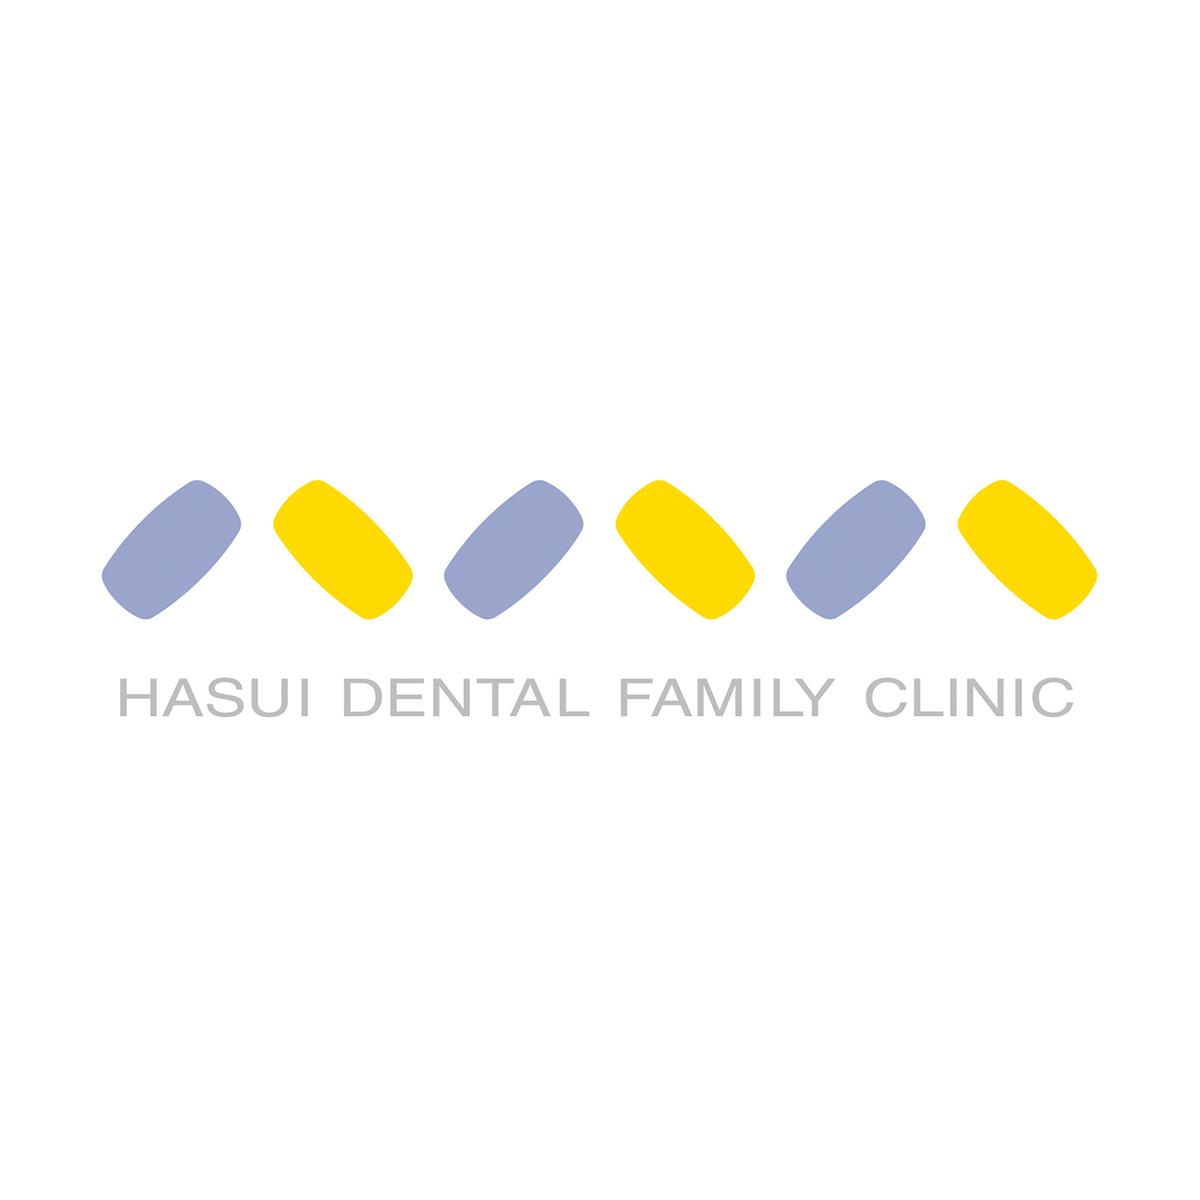 蓮井歯科・ファミリークリニック ロゴマーク